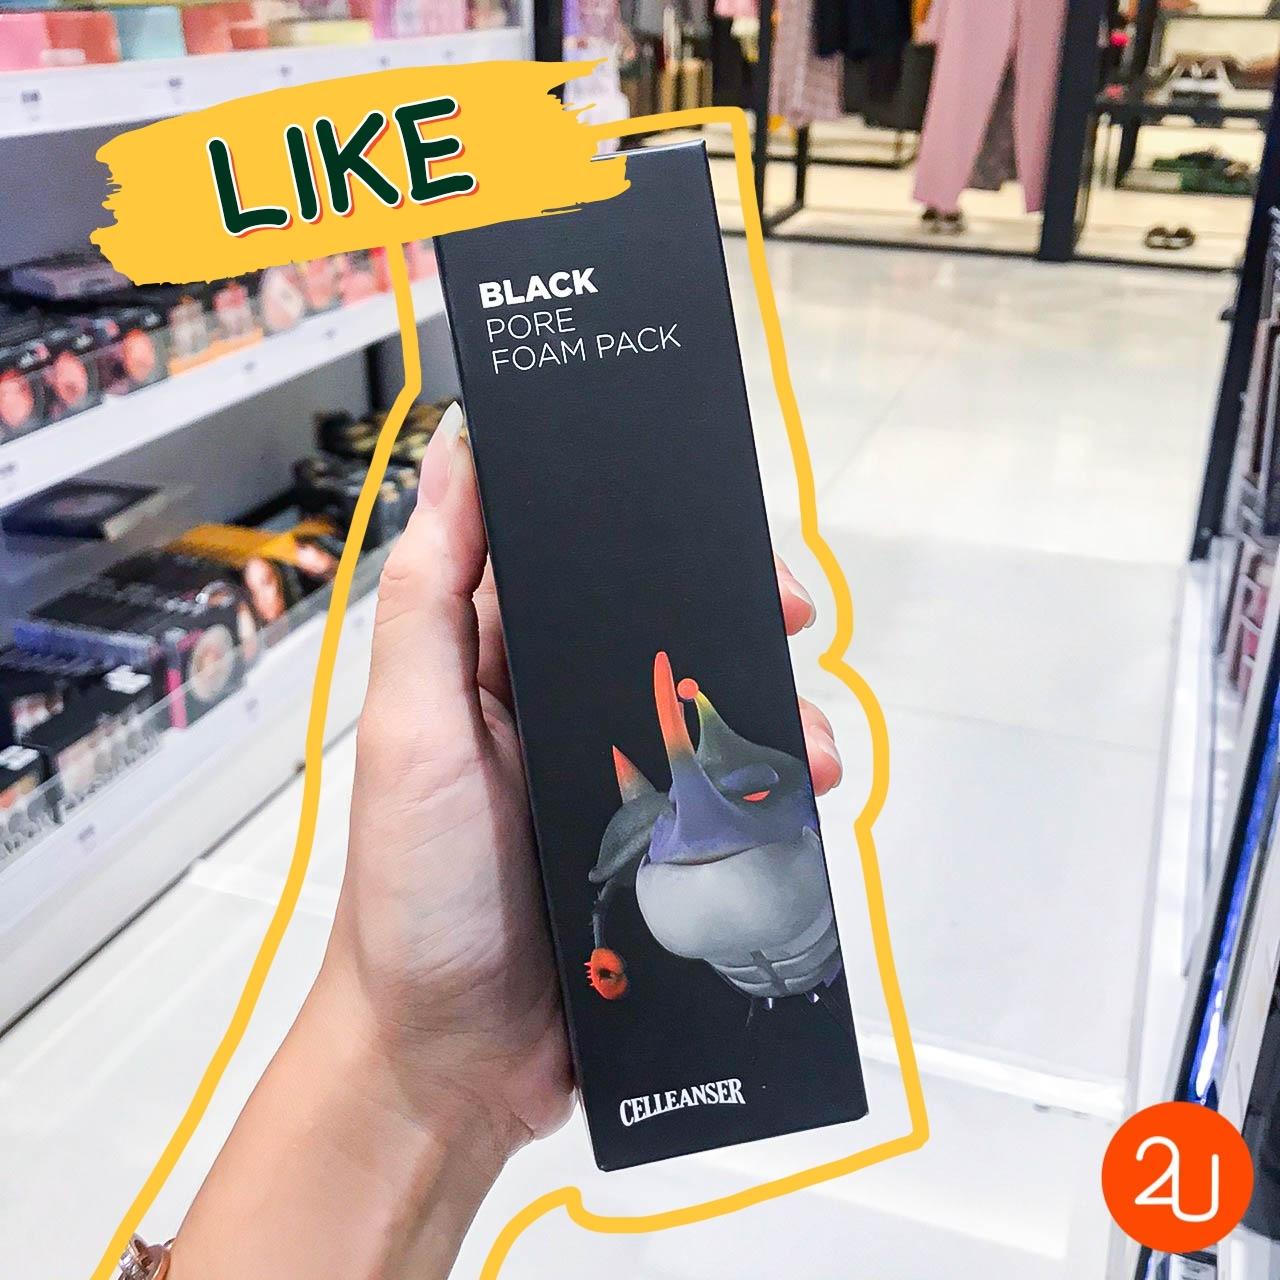 Black Pore Foam Pack